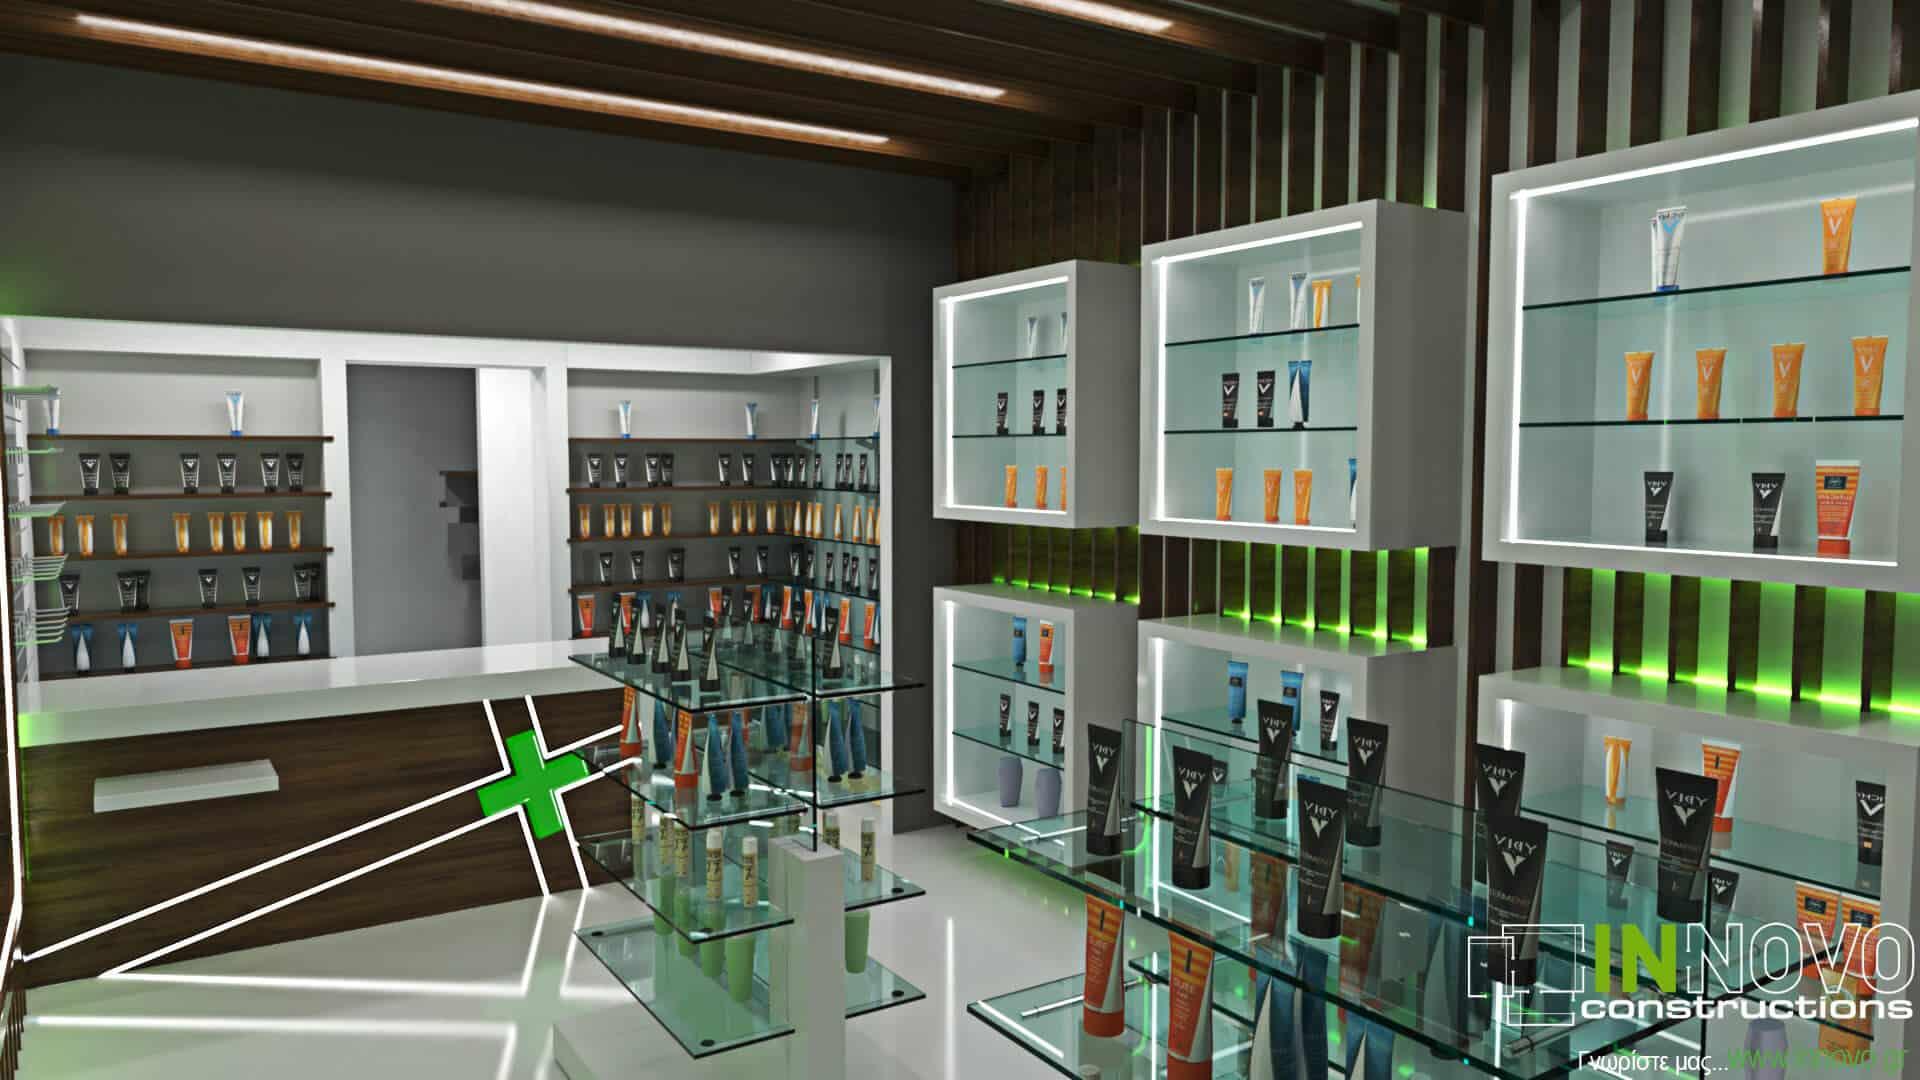 Σχεδιασμός εξοπλισμού φαρμακείου στο Άμστερνταμ